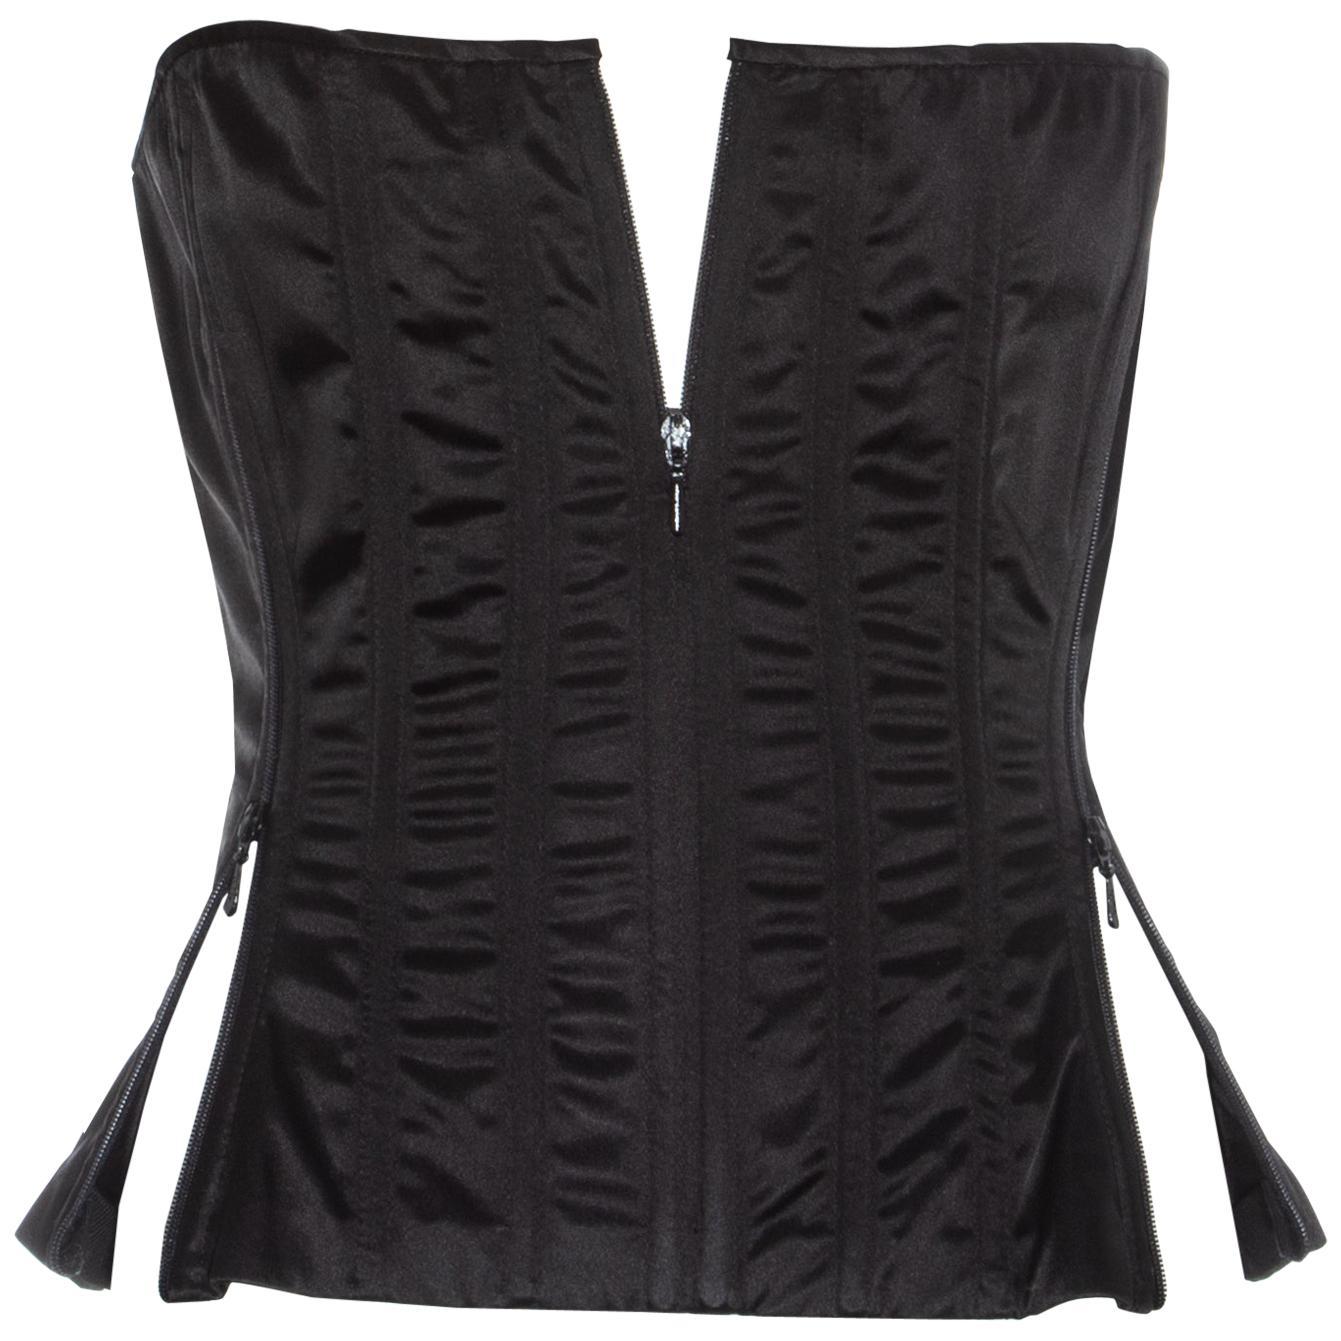 Dolce & Gabbana black satin lycra convertible zipper corset, ss 1999